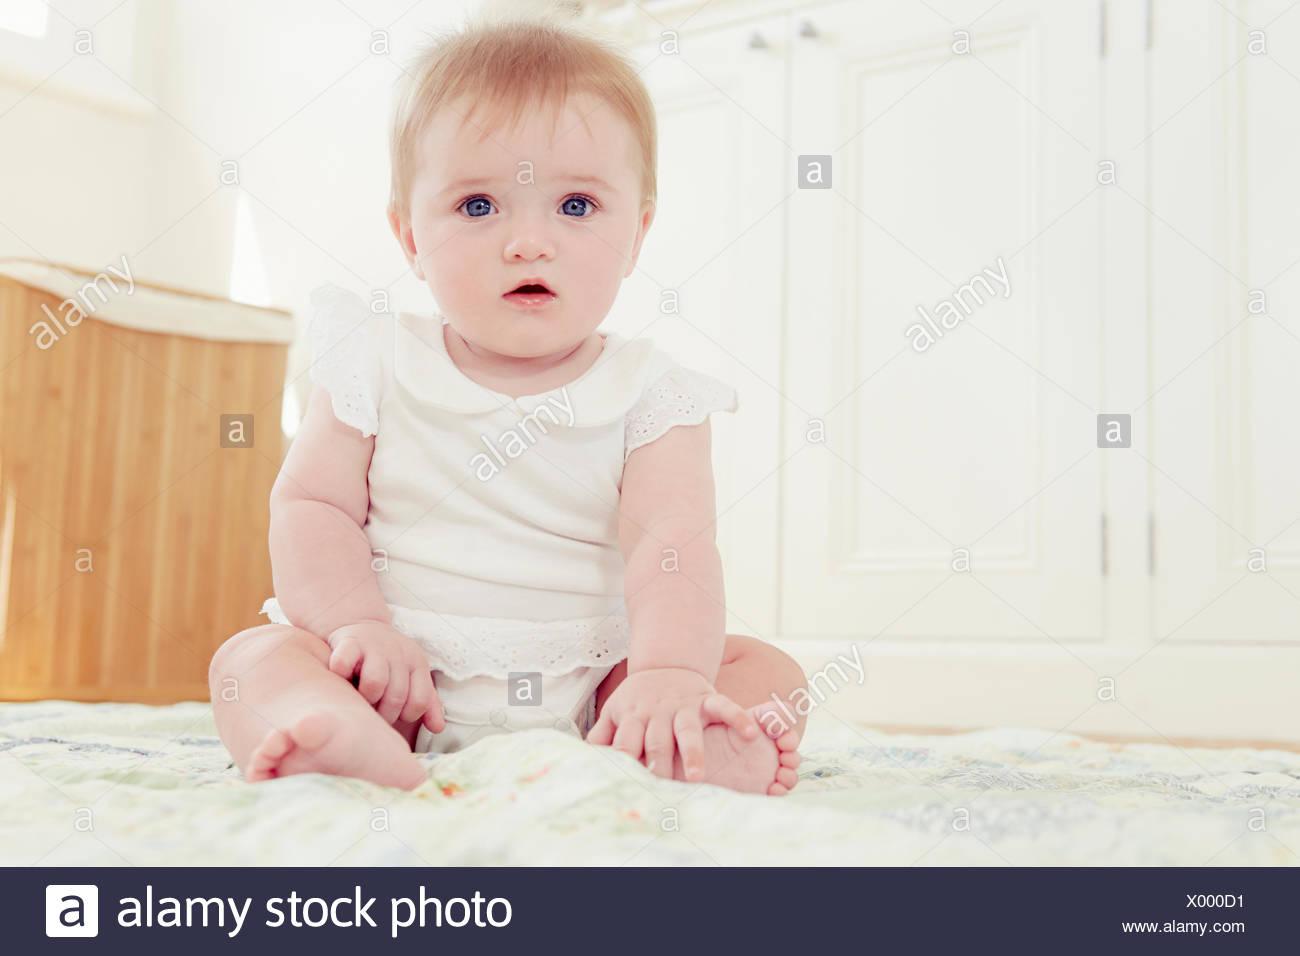 Ritratto baby ragazza seduta sul pavimento Immagini Stock